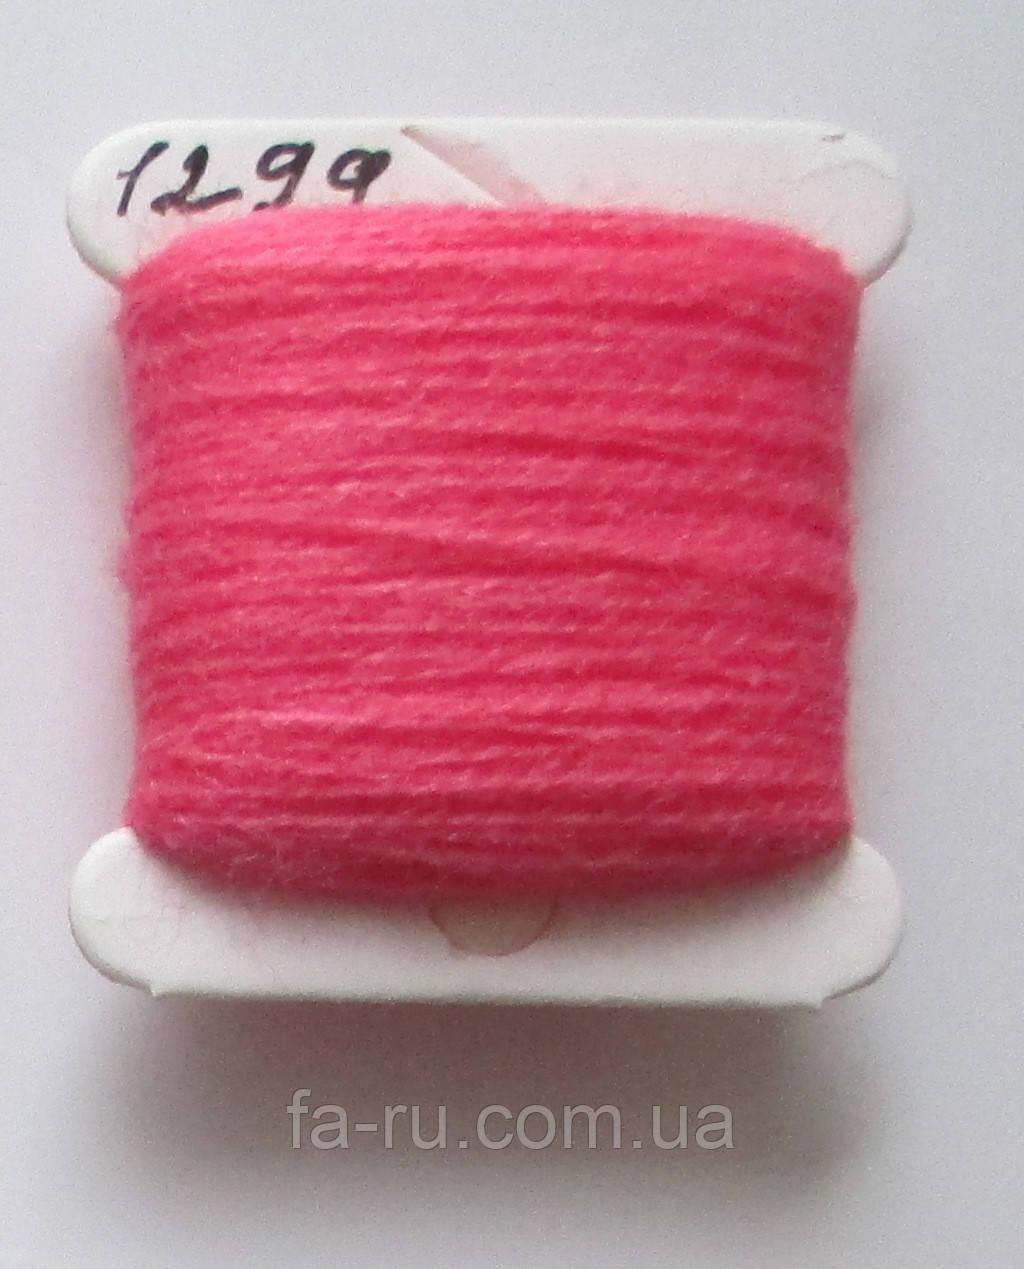 Акрил для вышивки: розовый очень яркий